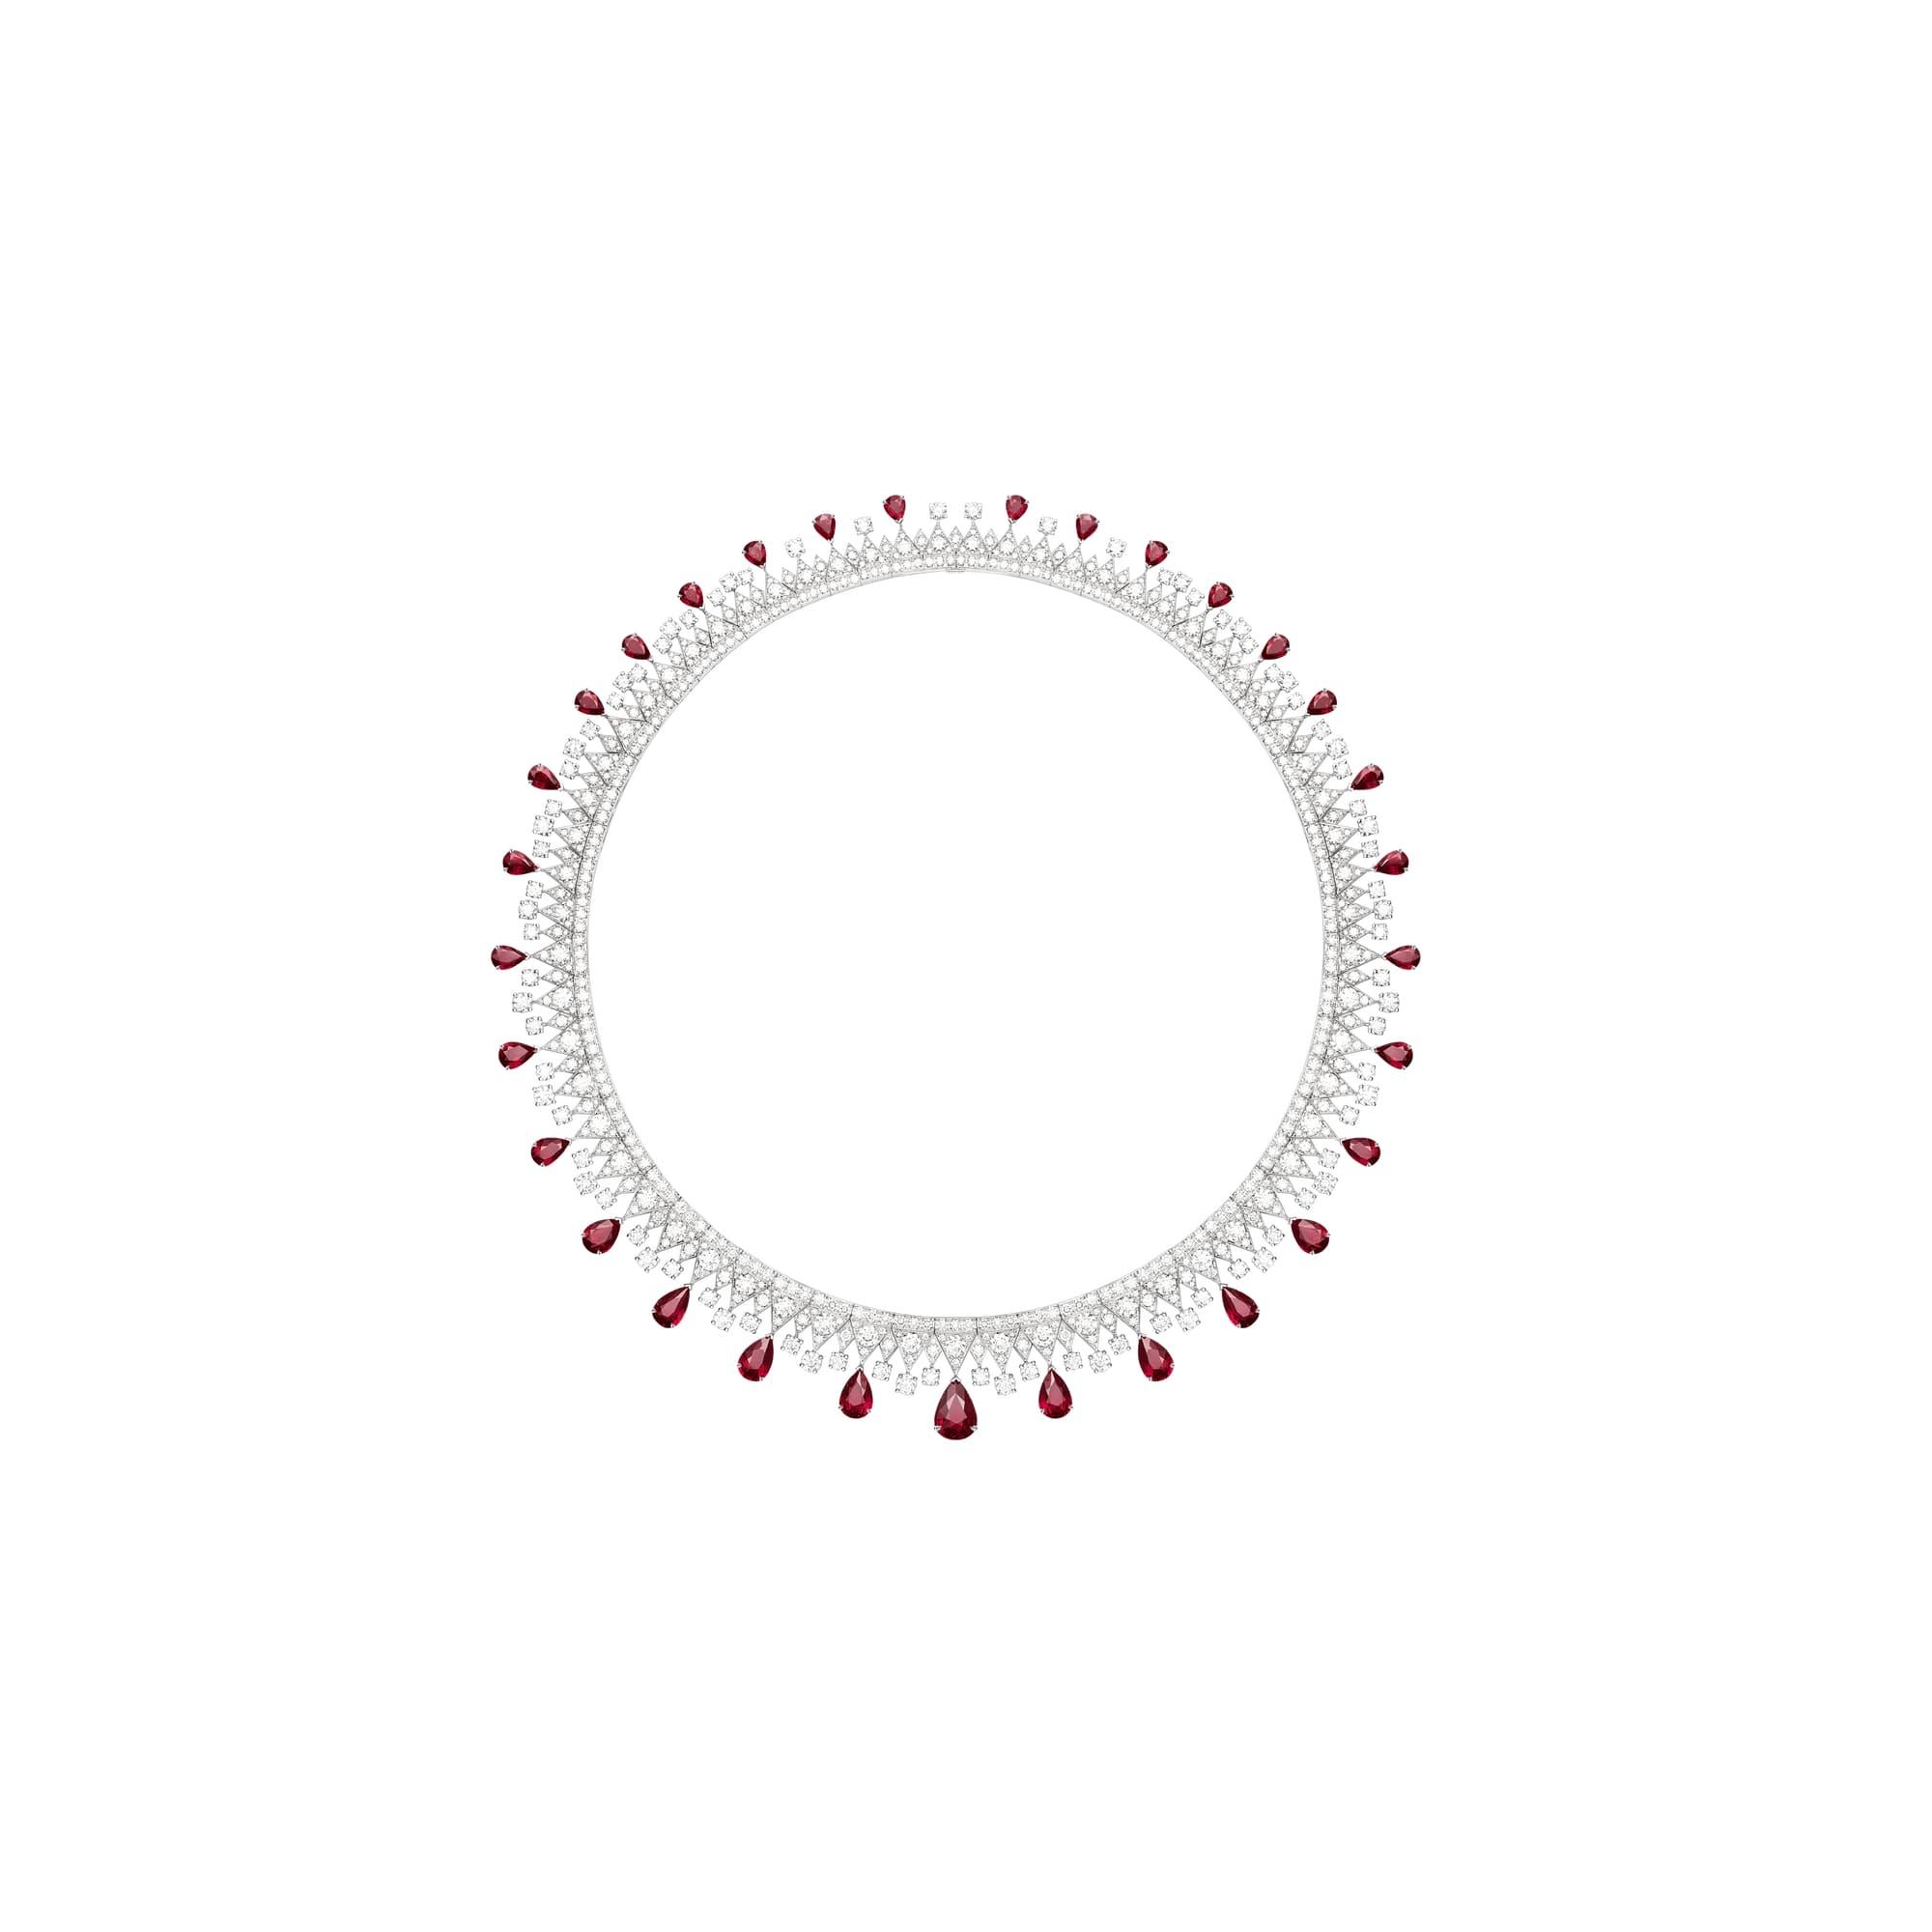 루비 장식의 하이 주얼리 다이아몬드 네크리스